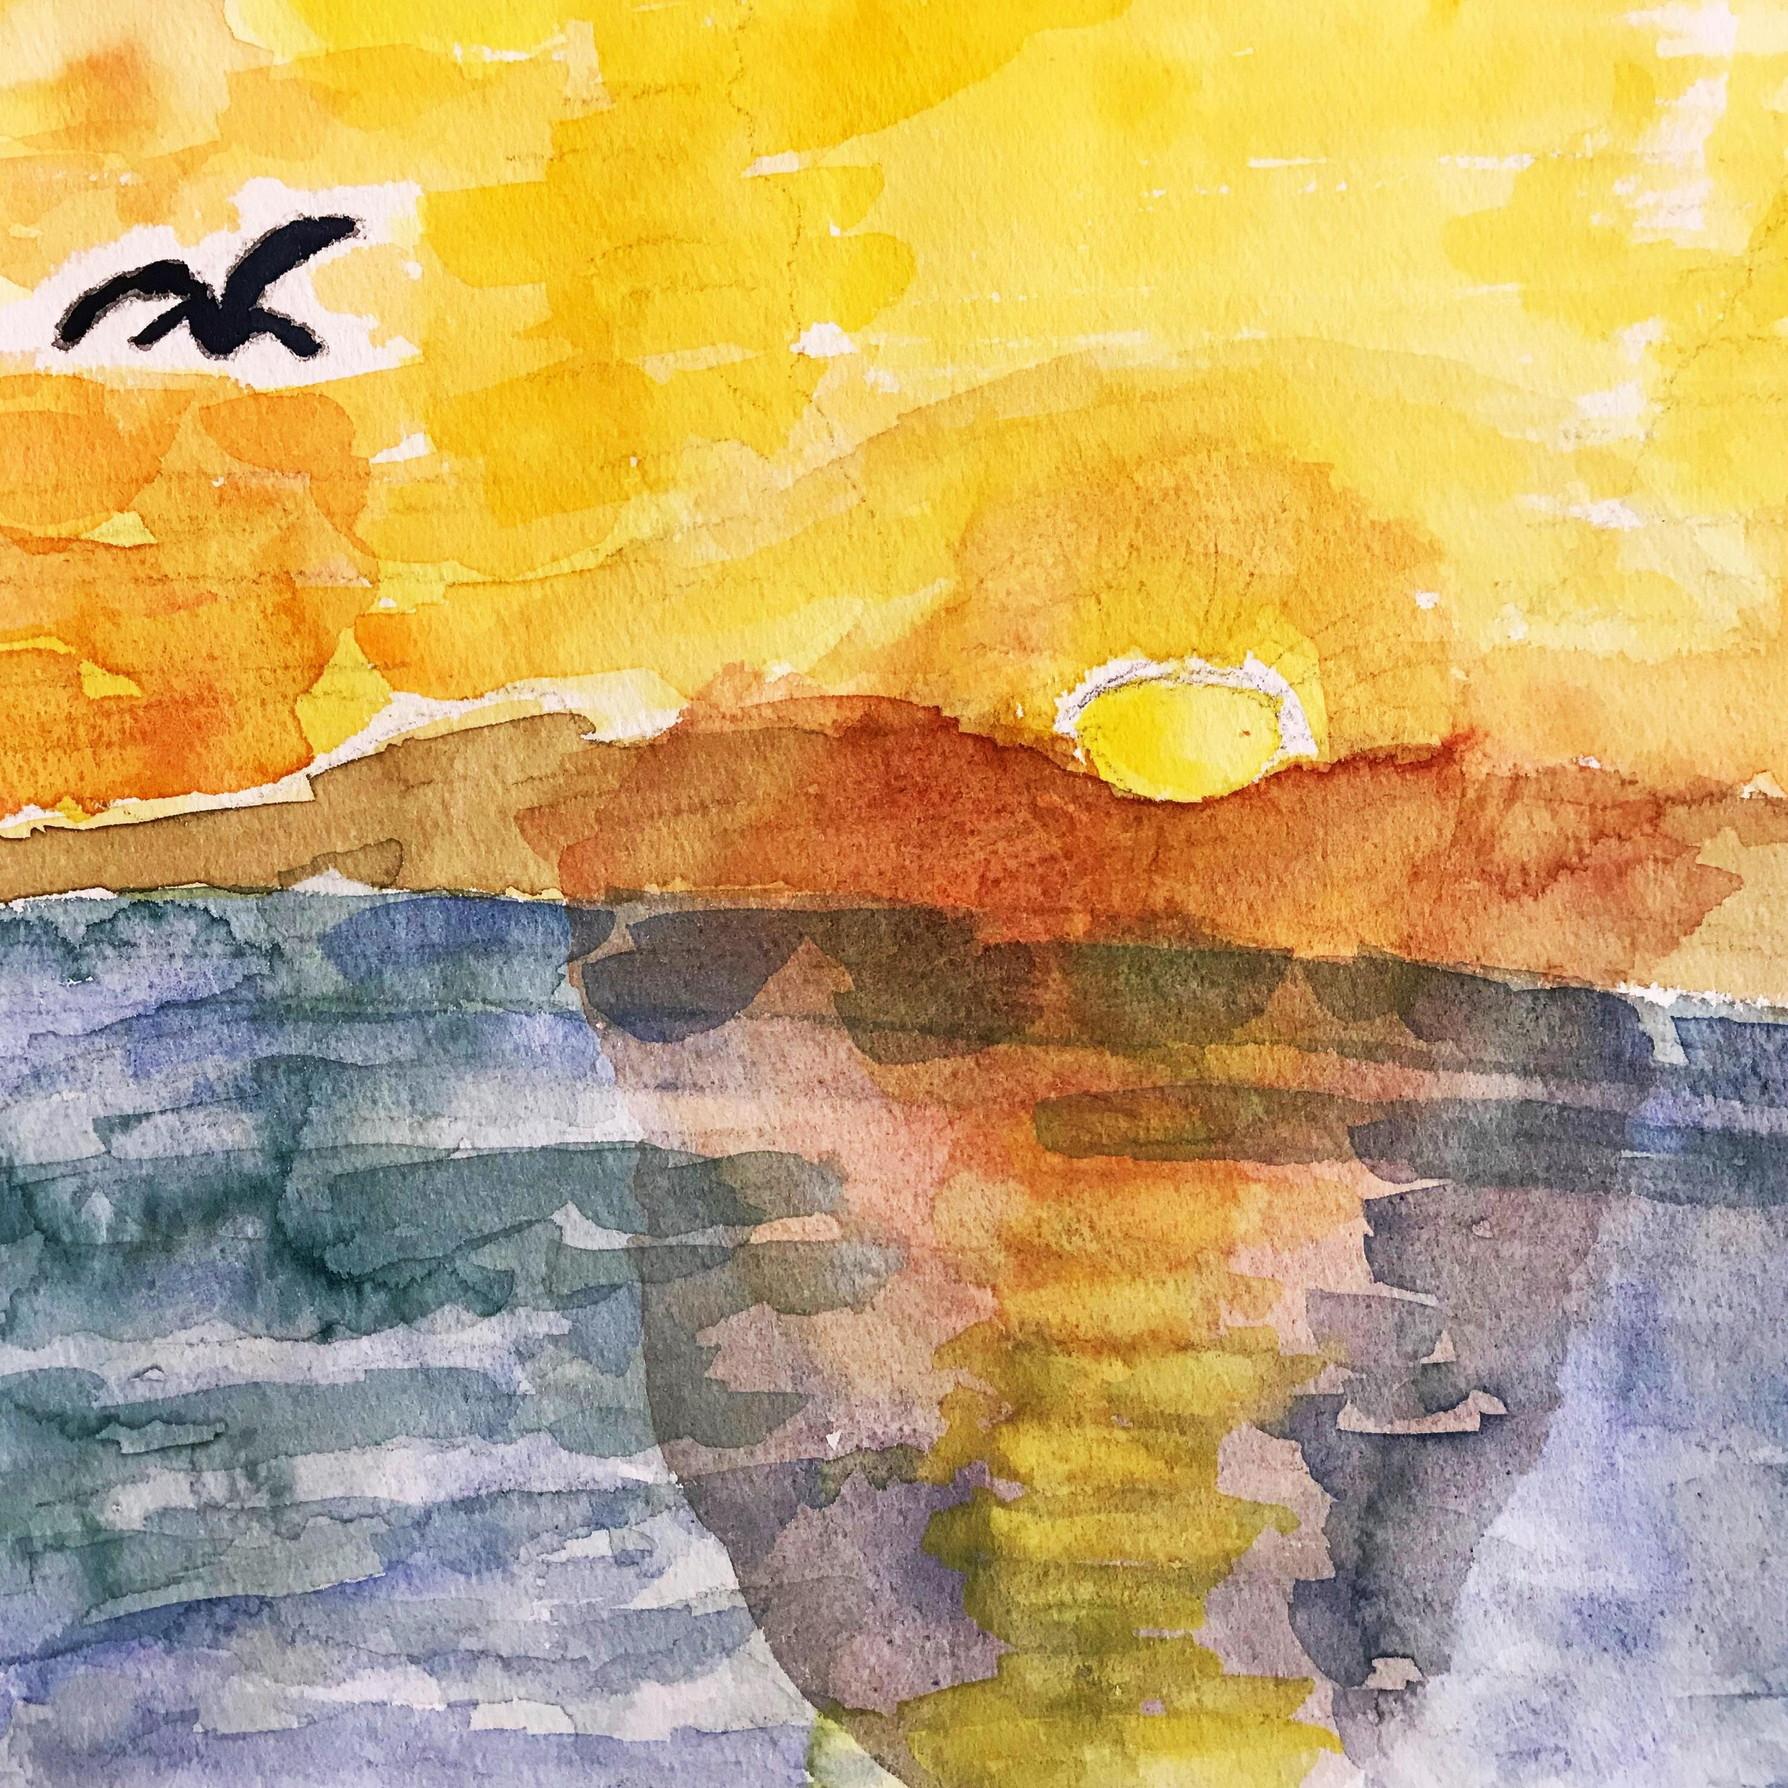 絵画 インテリア アートパネル 雑貨 壁掛け 置物 おしゃれ 風景画 アブストラクトアート 鳥 ロココロ 画家 : YUTA SASAKI 作品 : 鳥飛び立つ時